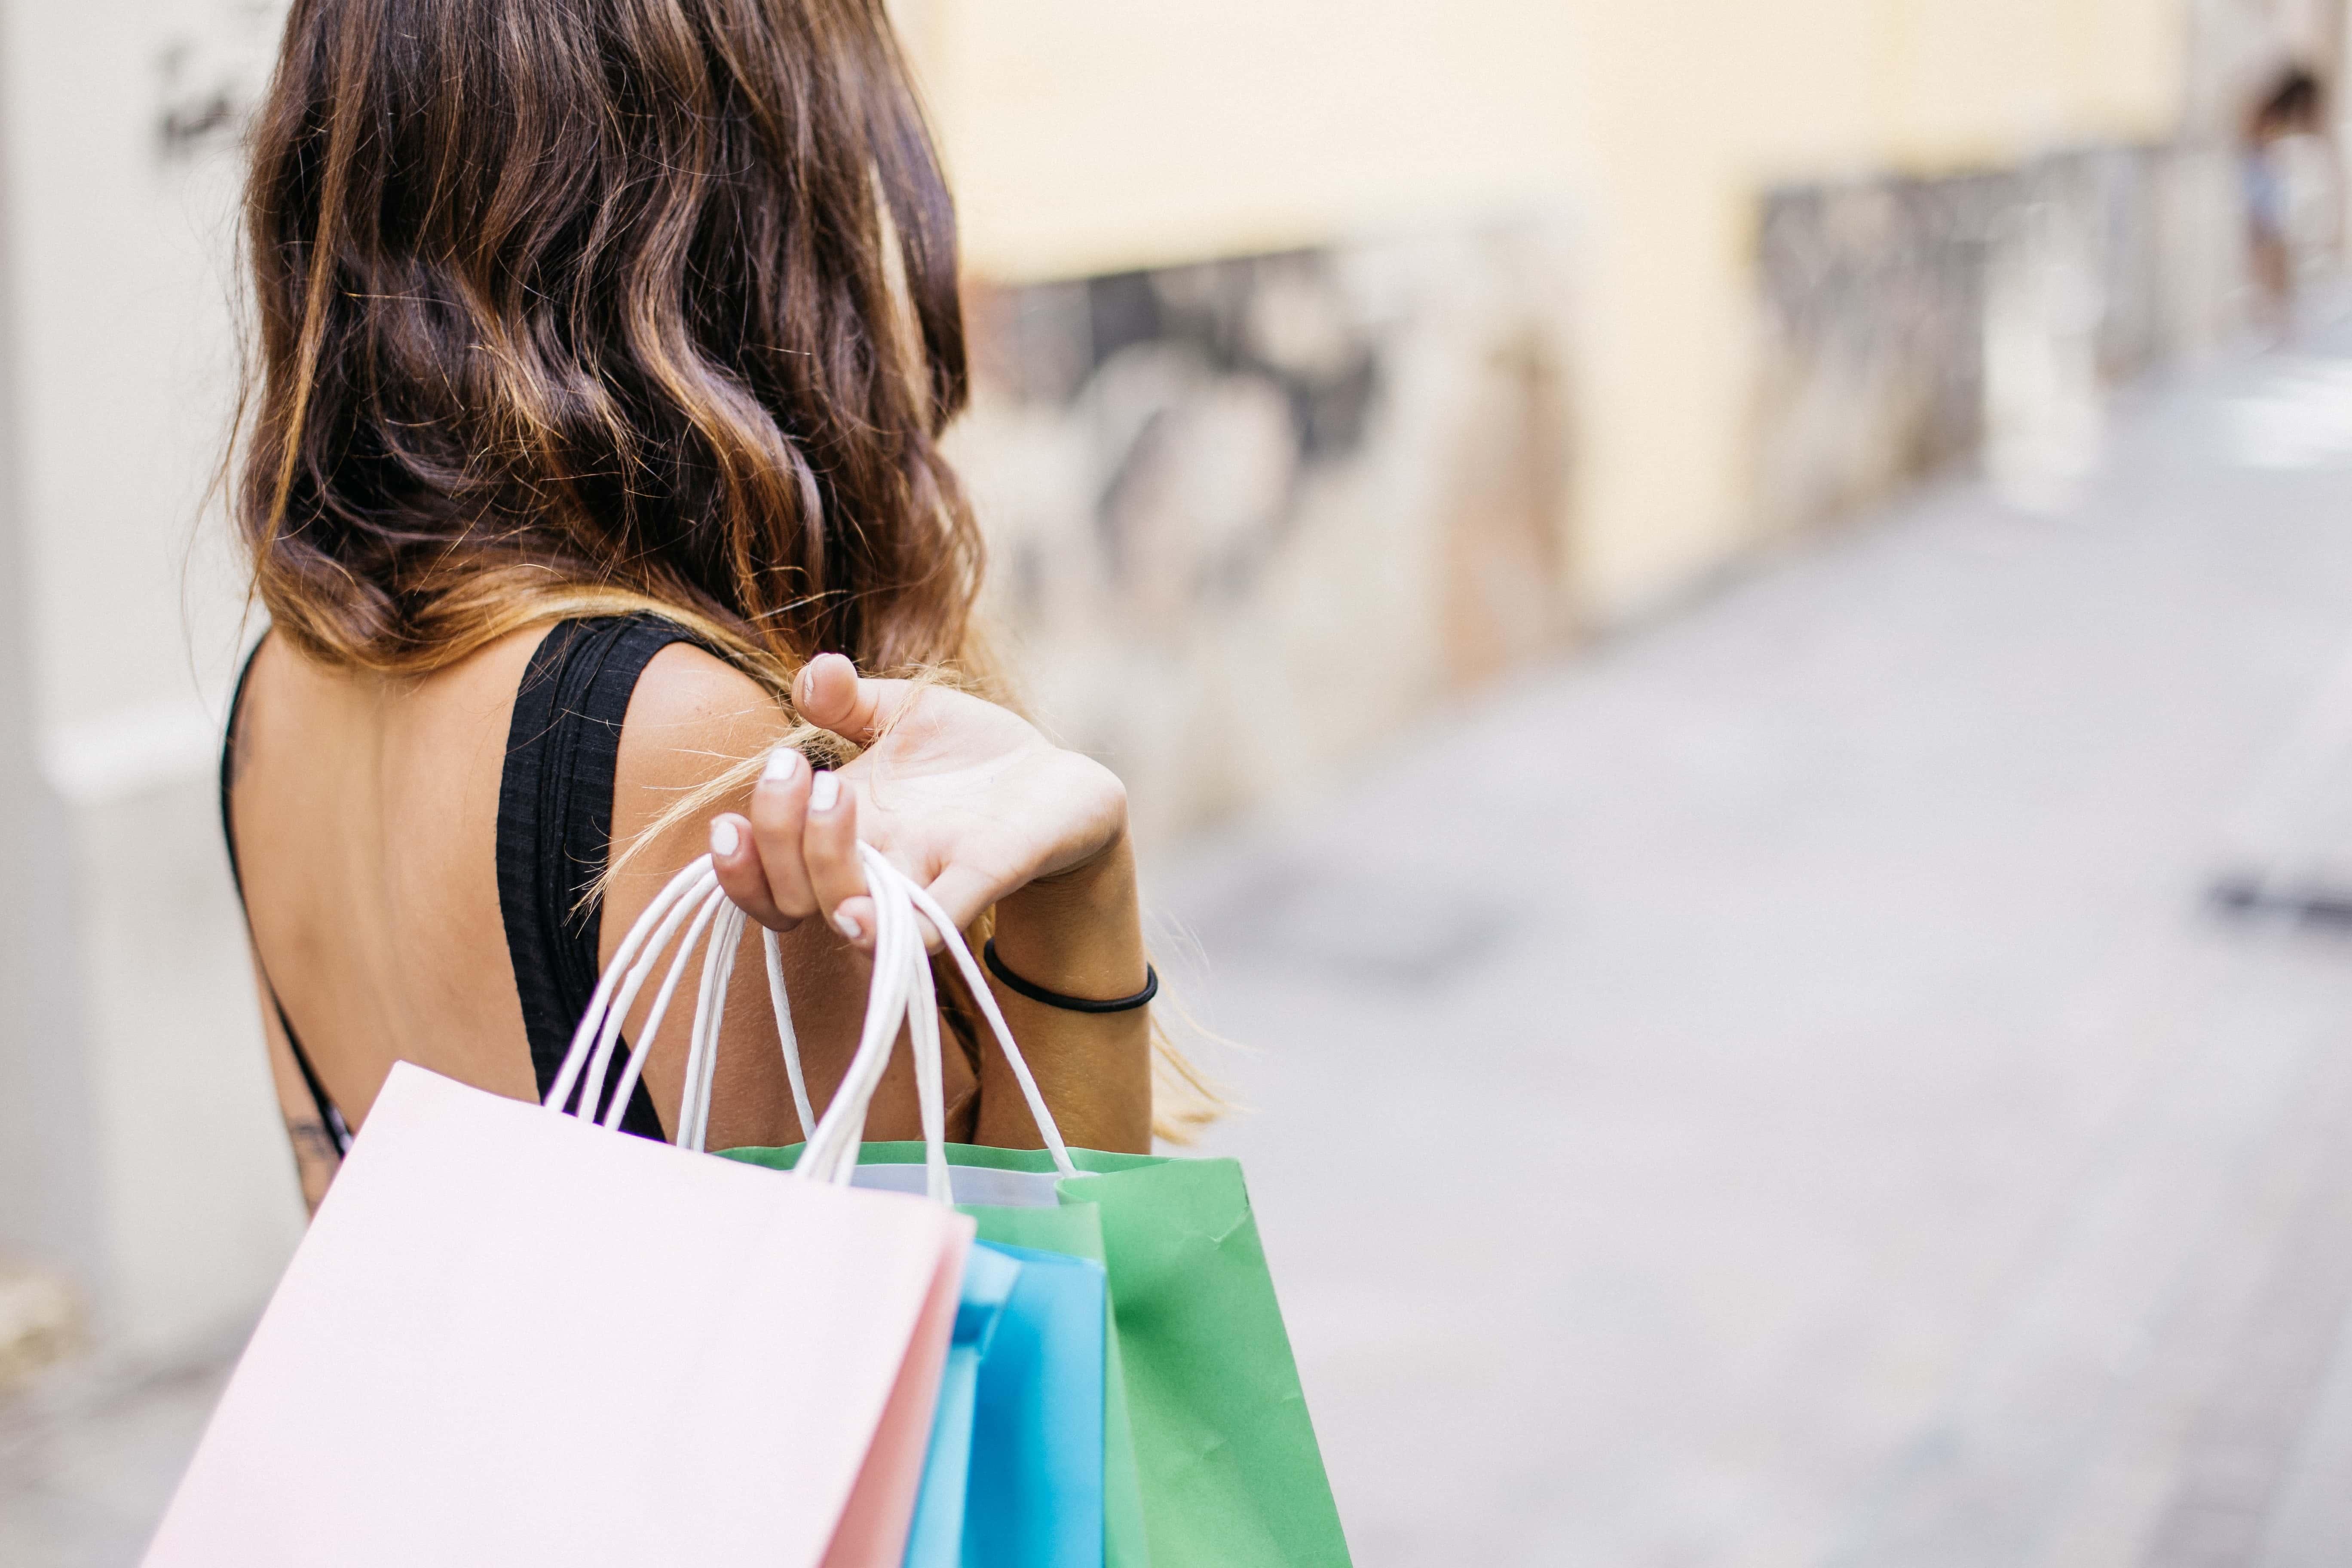 自分で選んだ商品を手にお店を後にする女性